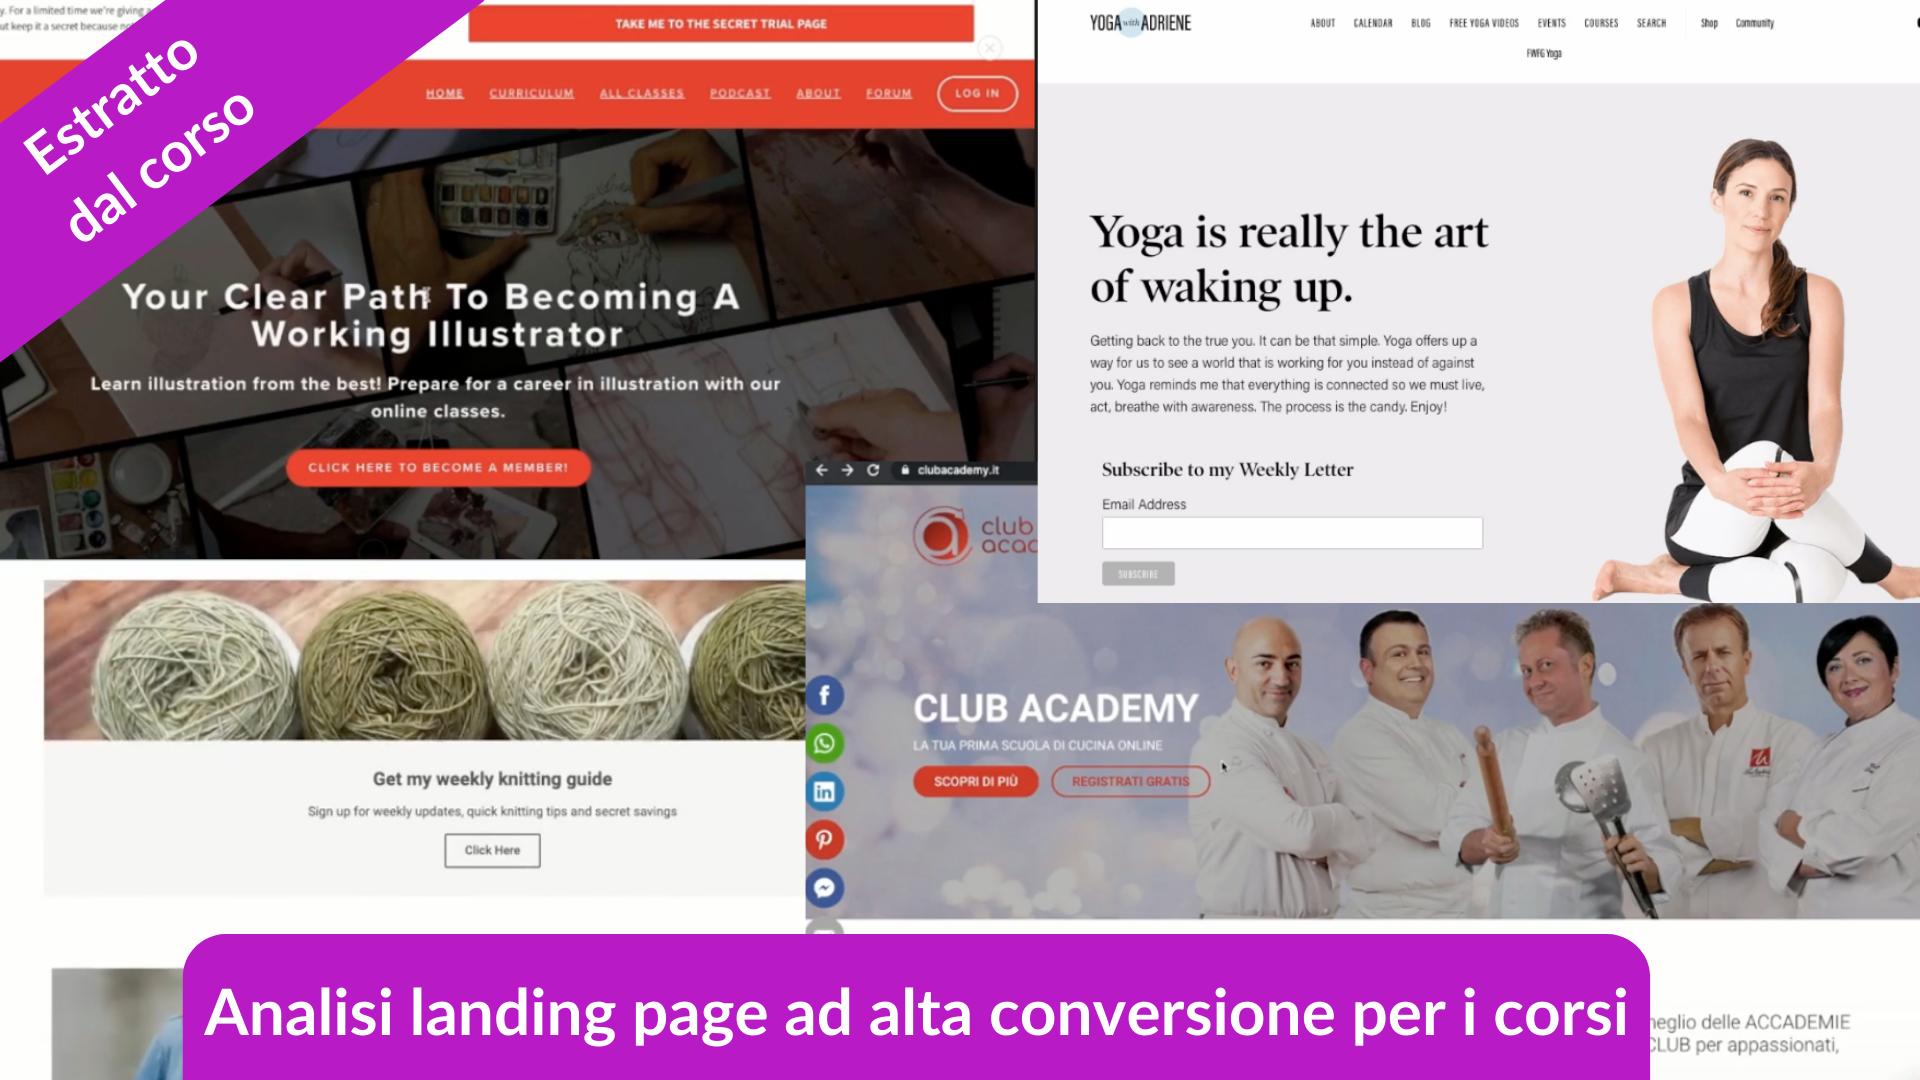 Estratto dal corso come vendere corsi online, analisi di landing page ad alta conversione